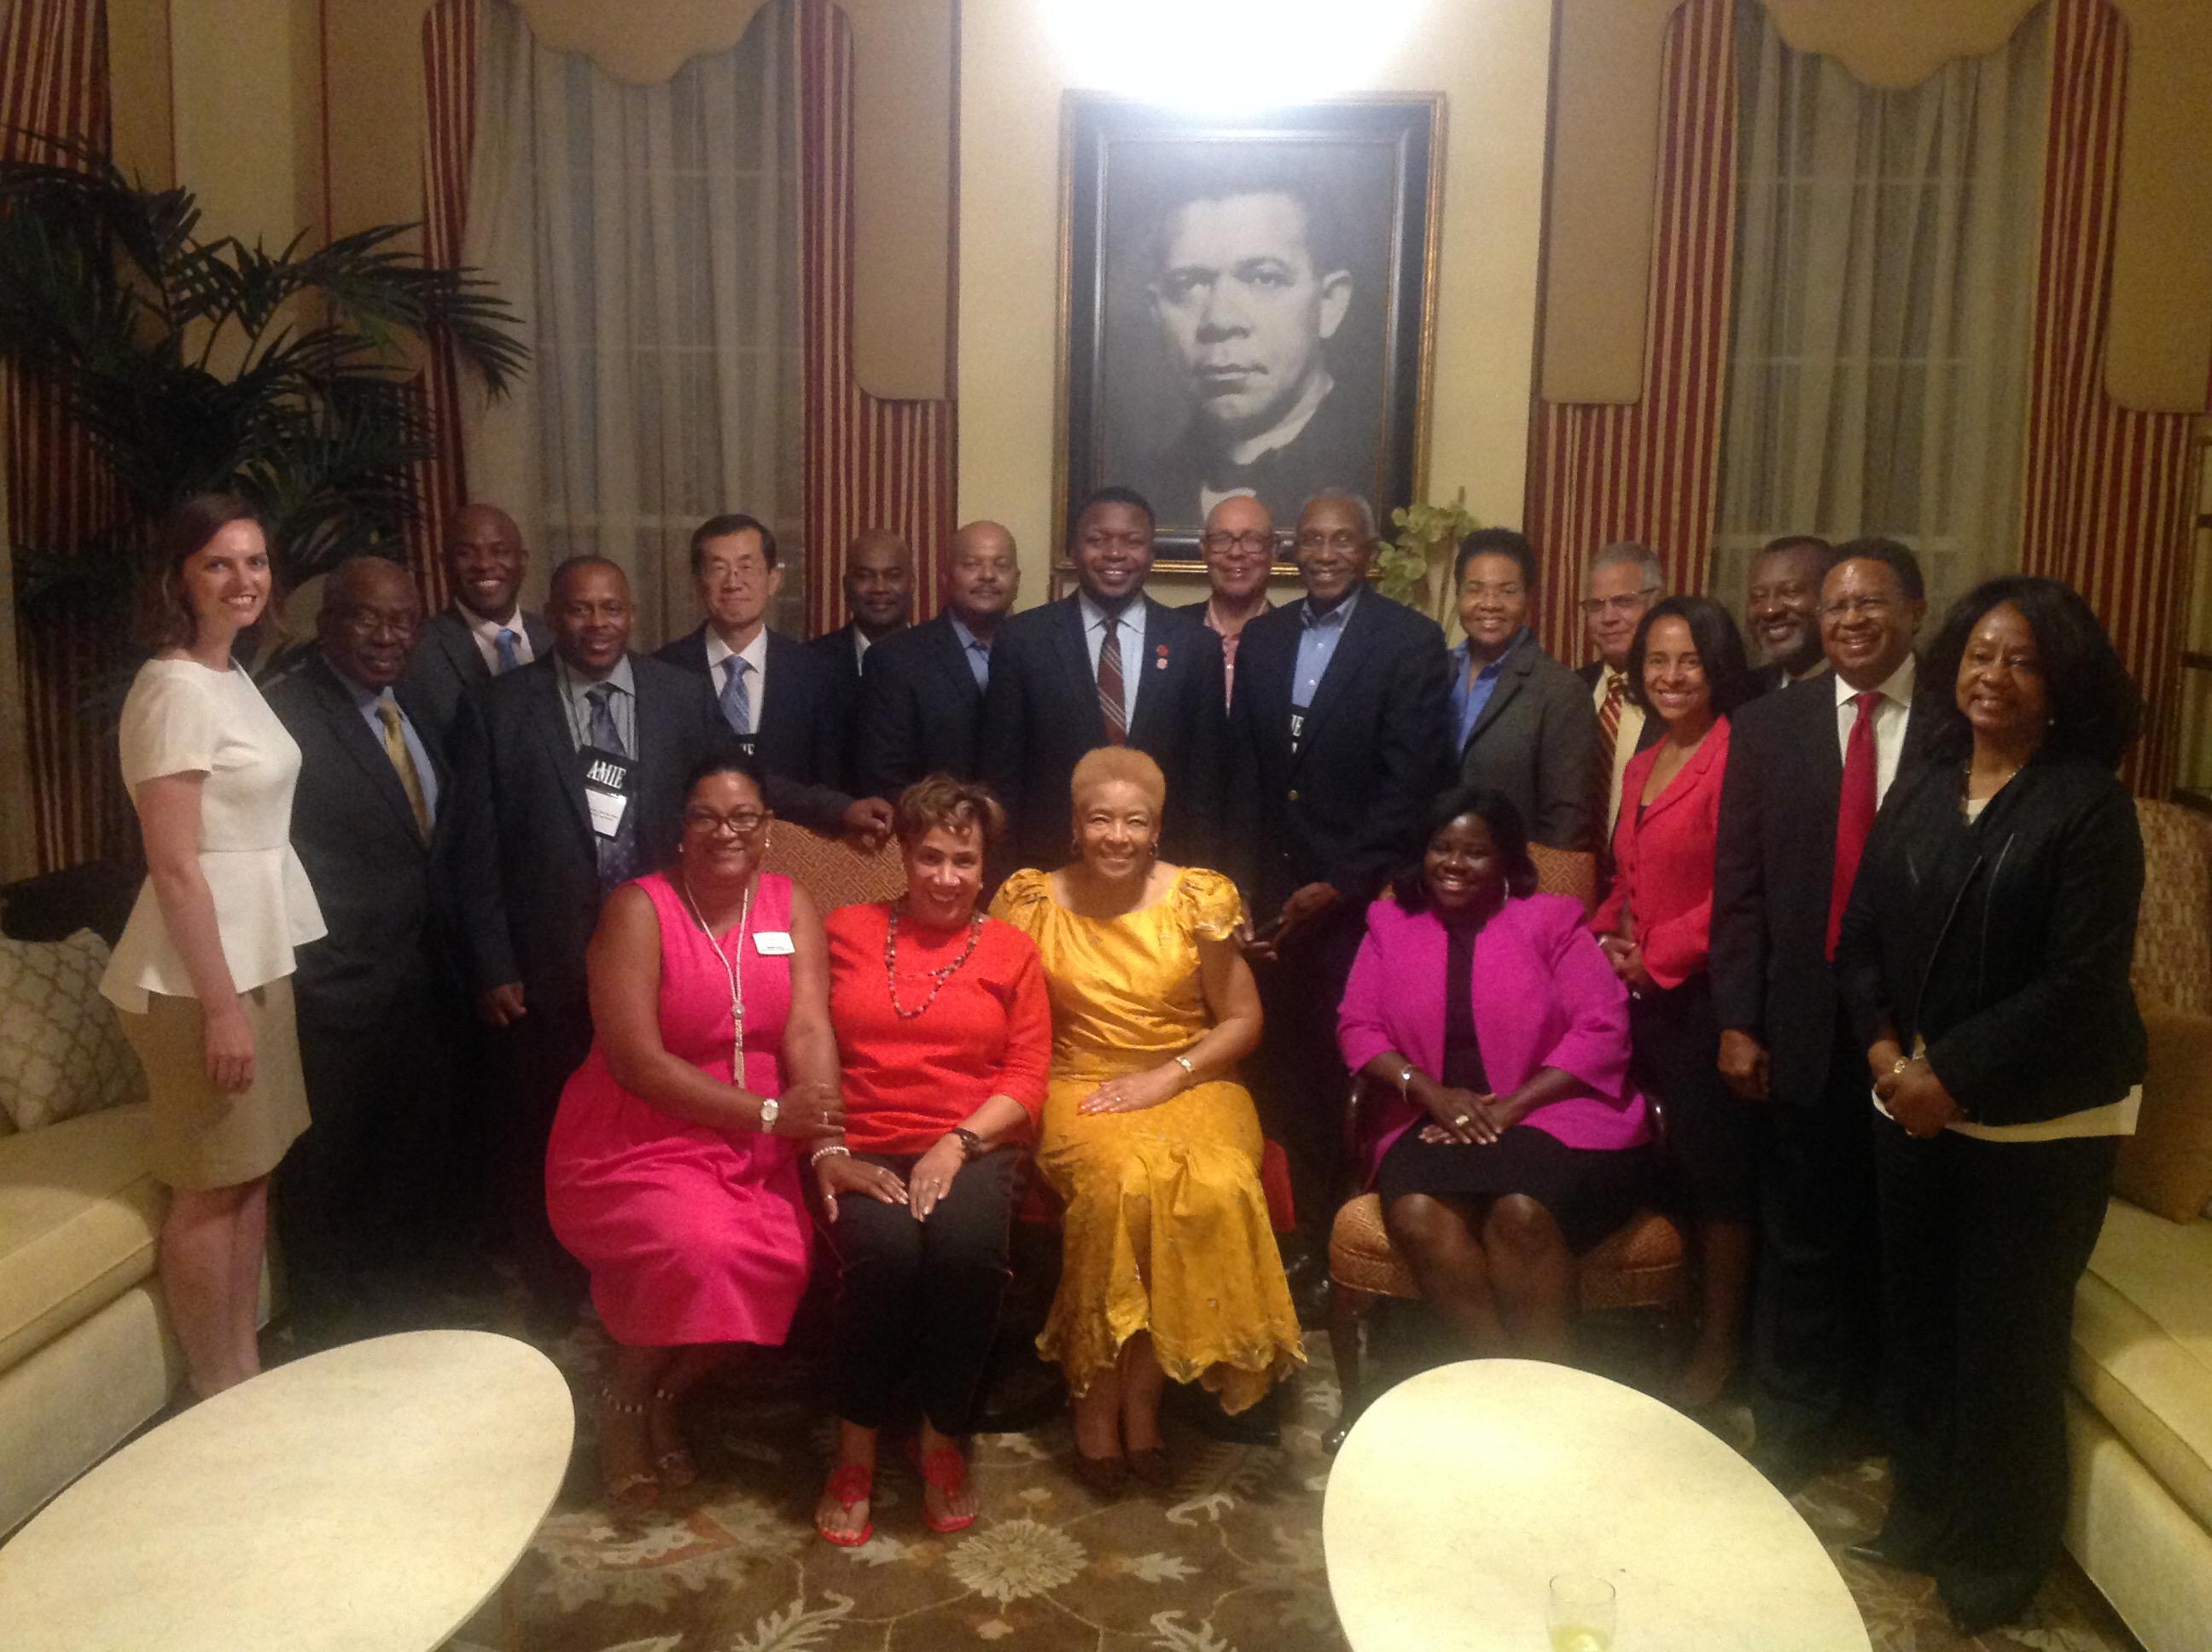 Tuskegee_President_hosts_Deans.jpg